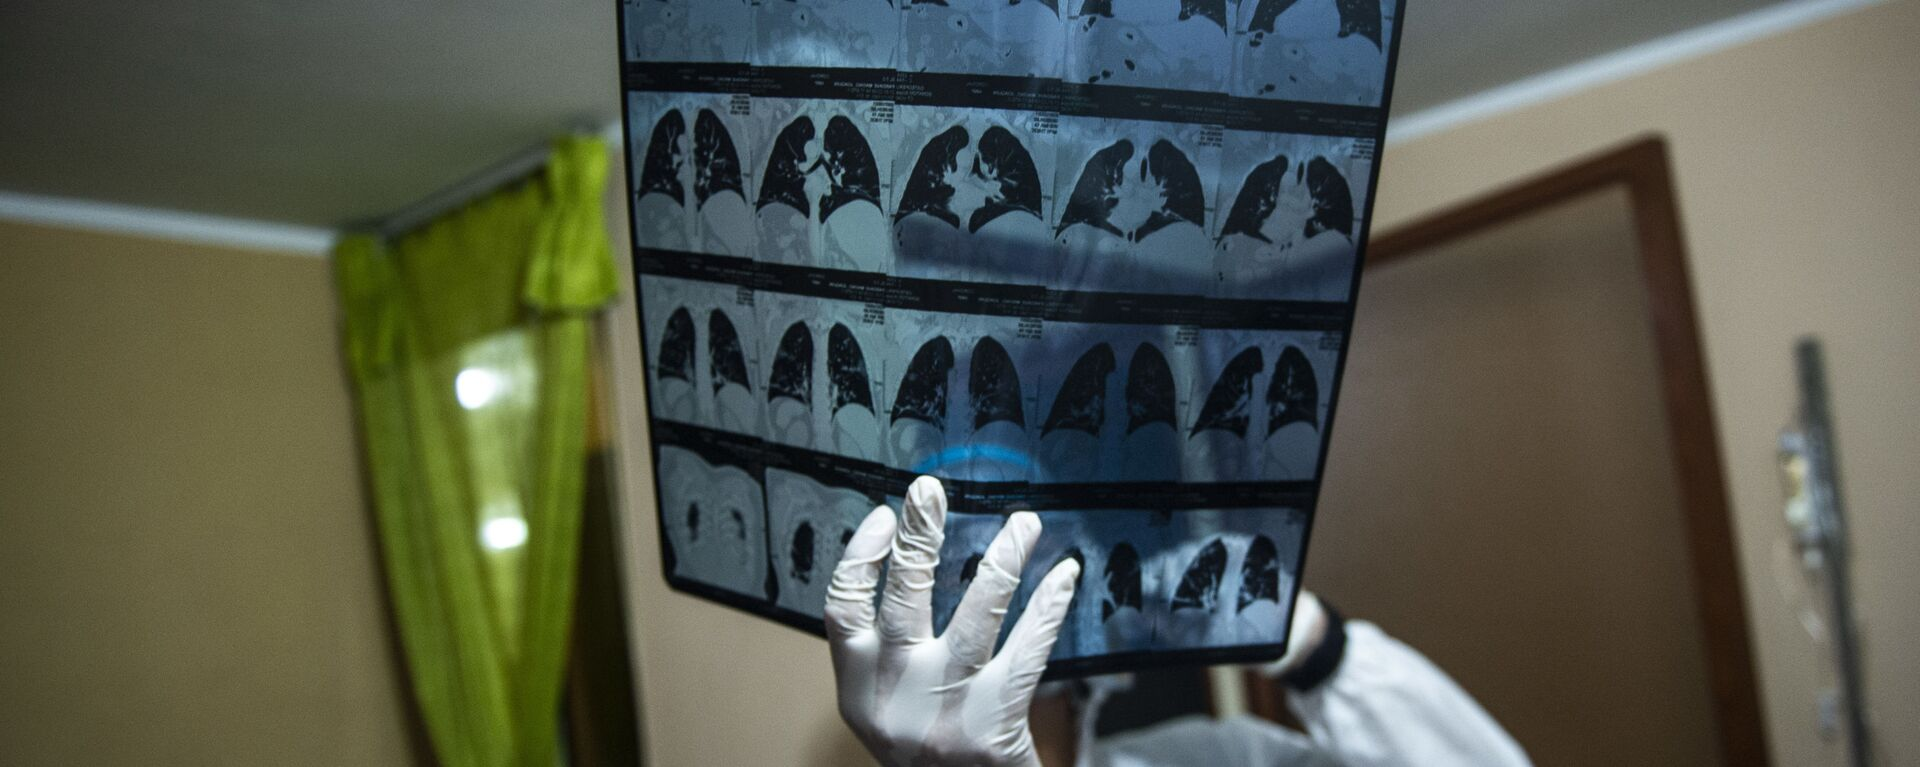 Медик с рентгеном (МРТ) легких, фото из архива - Sputnik Азербайджан, 1920, 19.03.2021